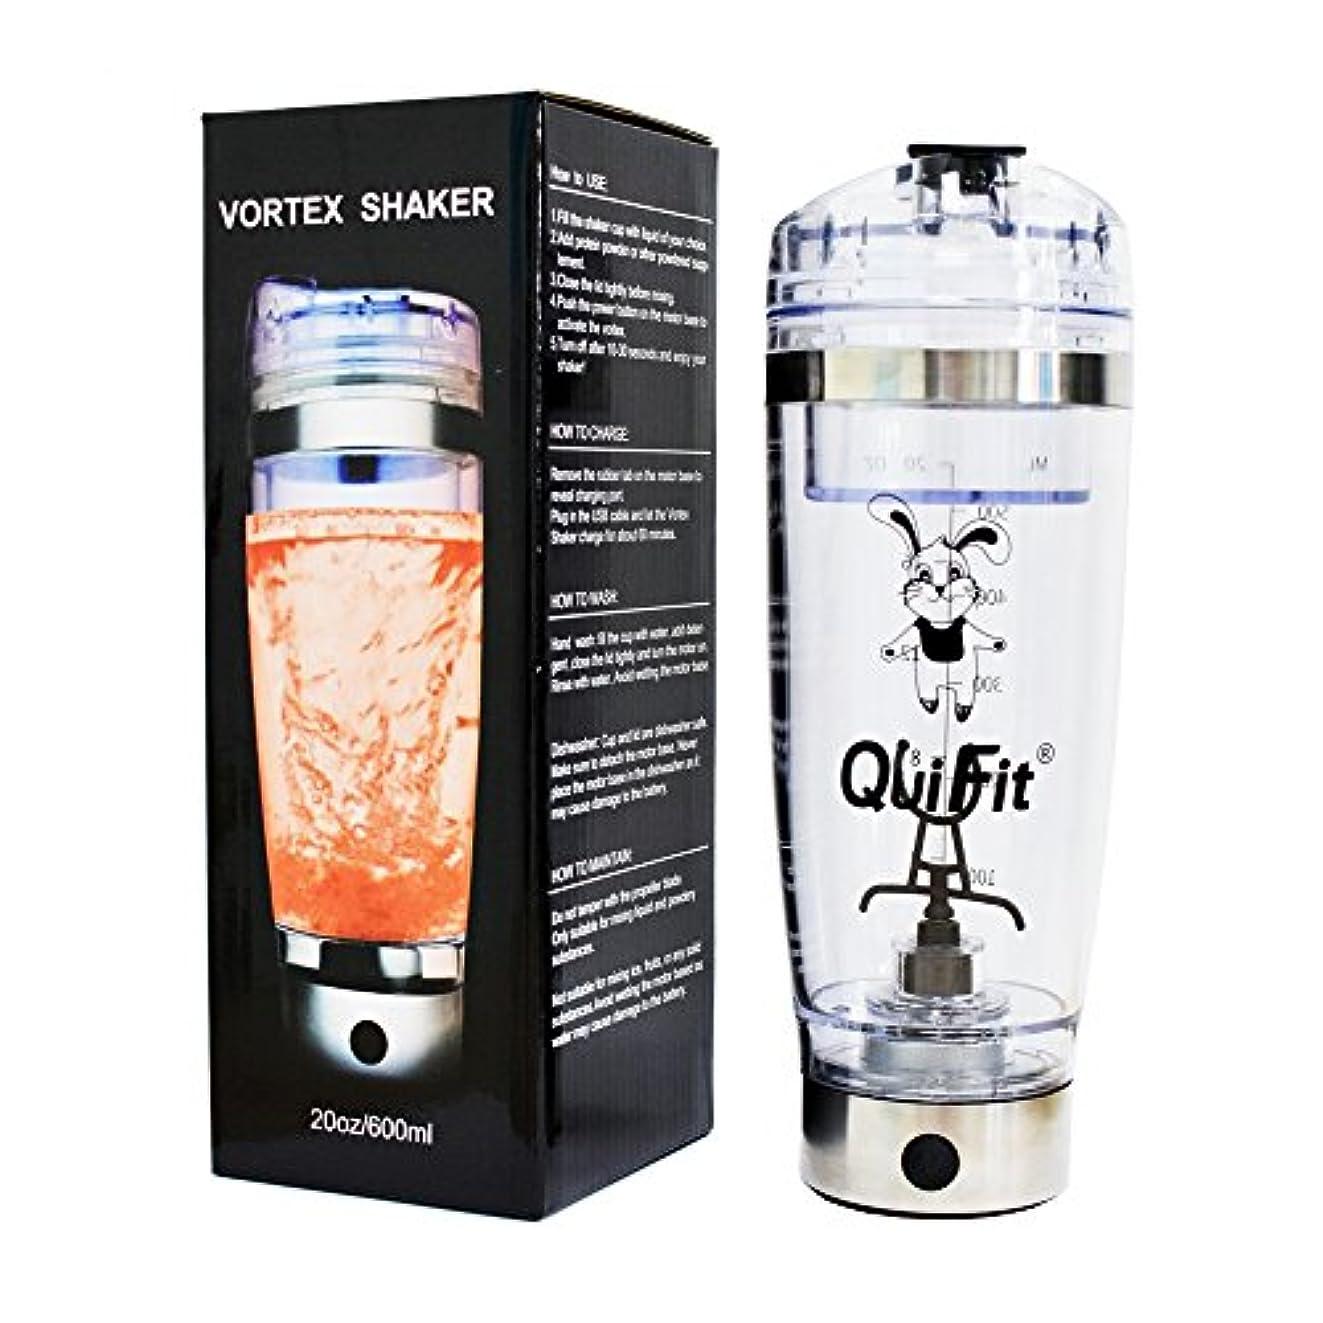 受ける略す博物館電気タンパク質振動瓶、QuiFit 20 OZ USB充電式タンパク質スクロールカップ、パウダーシェイクに適した電動ポータブル自動ミキサー、100%リーク防止保証 - BPAなし (600ml)